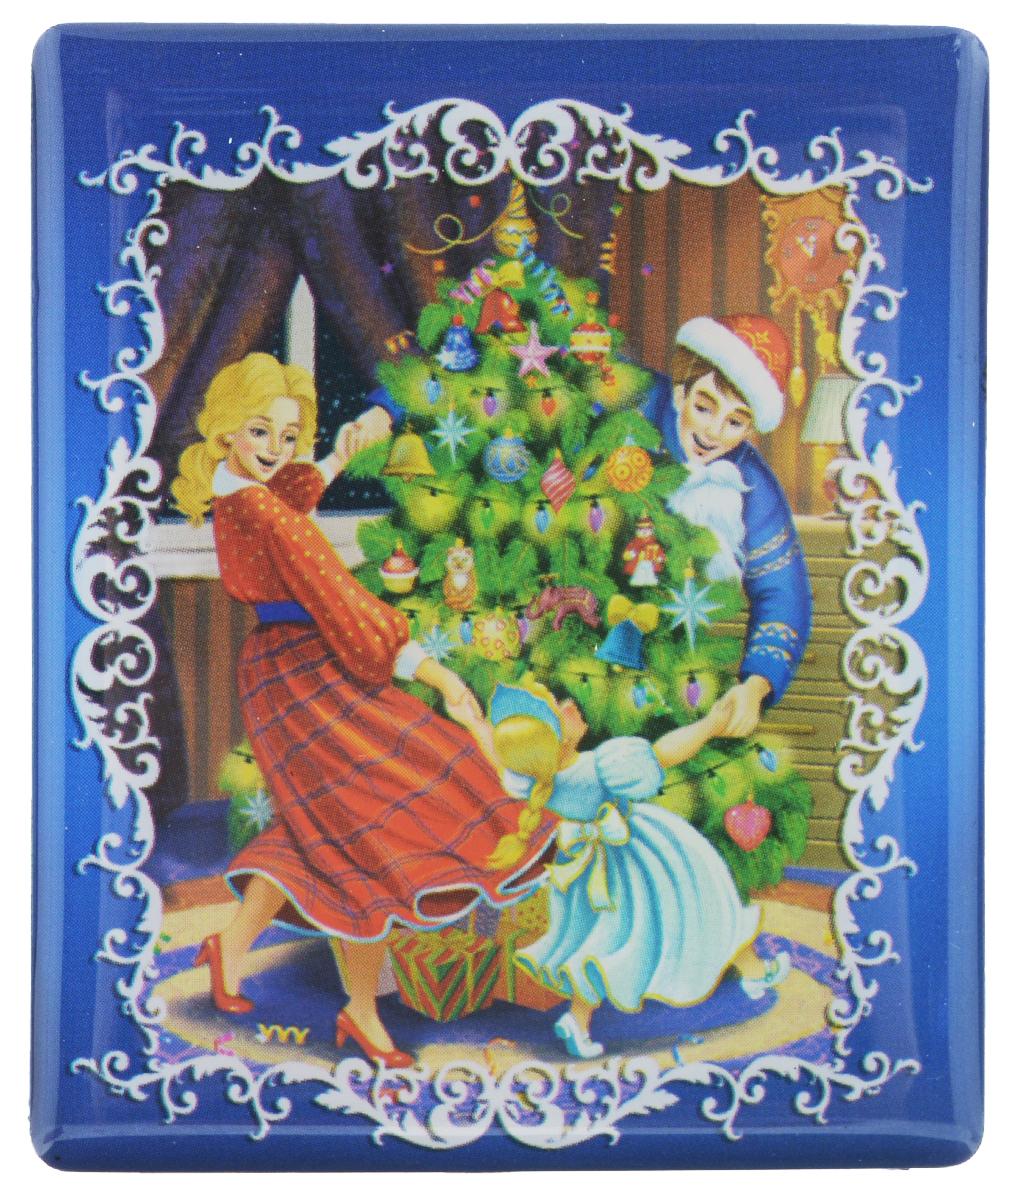 Магнит Феникс-презент Счастливая семья, 6 х 5 см38373Магнит прямоугольной формы Феникс-презент Счастливая семья, выполненный из агломерированного феррита, станет приятным штрихом в повседневной жизни. Оригинальный магнит, декорированный изображением семьи, кружащейся вокруг елки, поможет вам украсить не только холодильник, но и любую другую магнитную поверхность. Материал: агломерированный феррит.